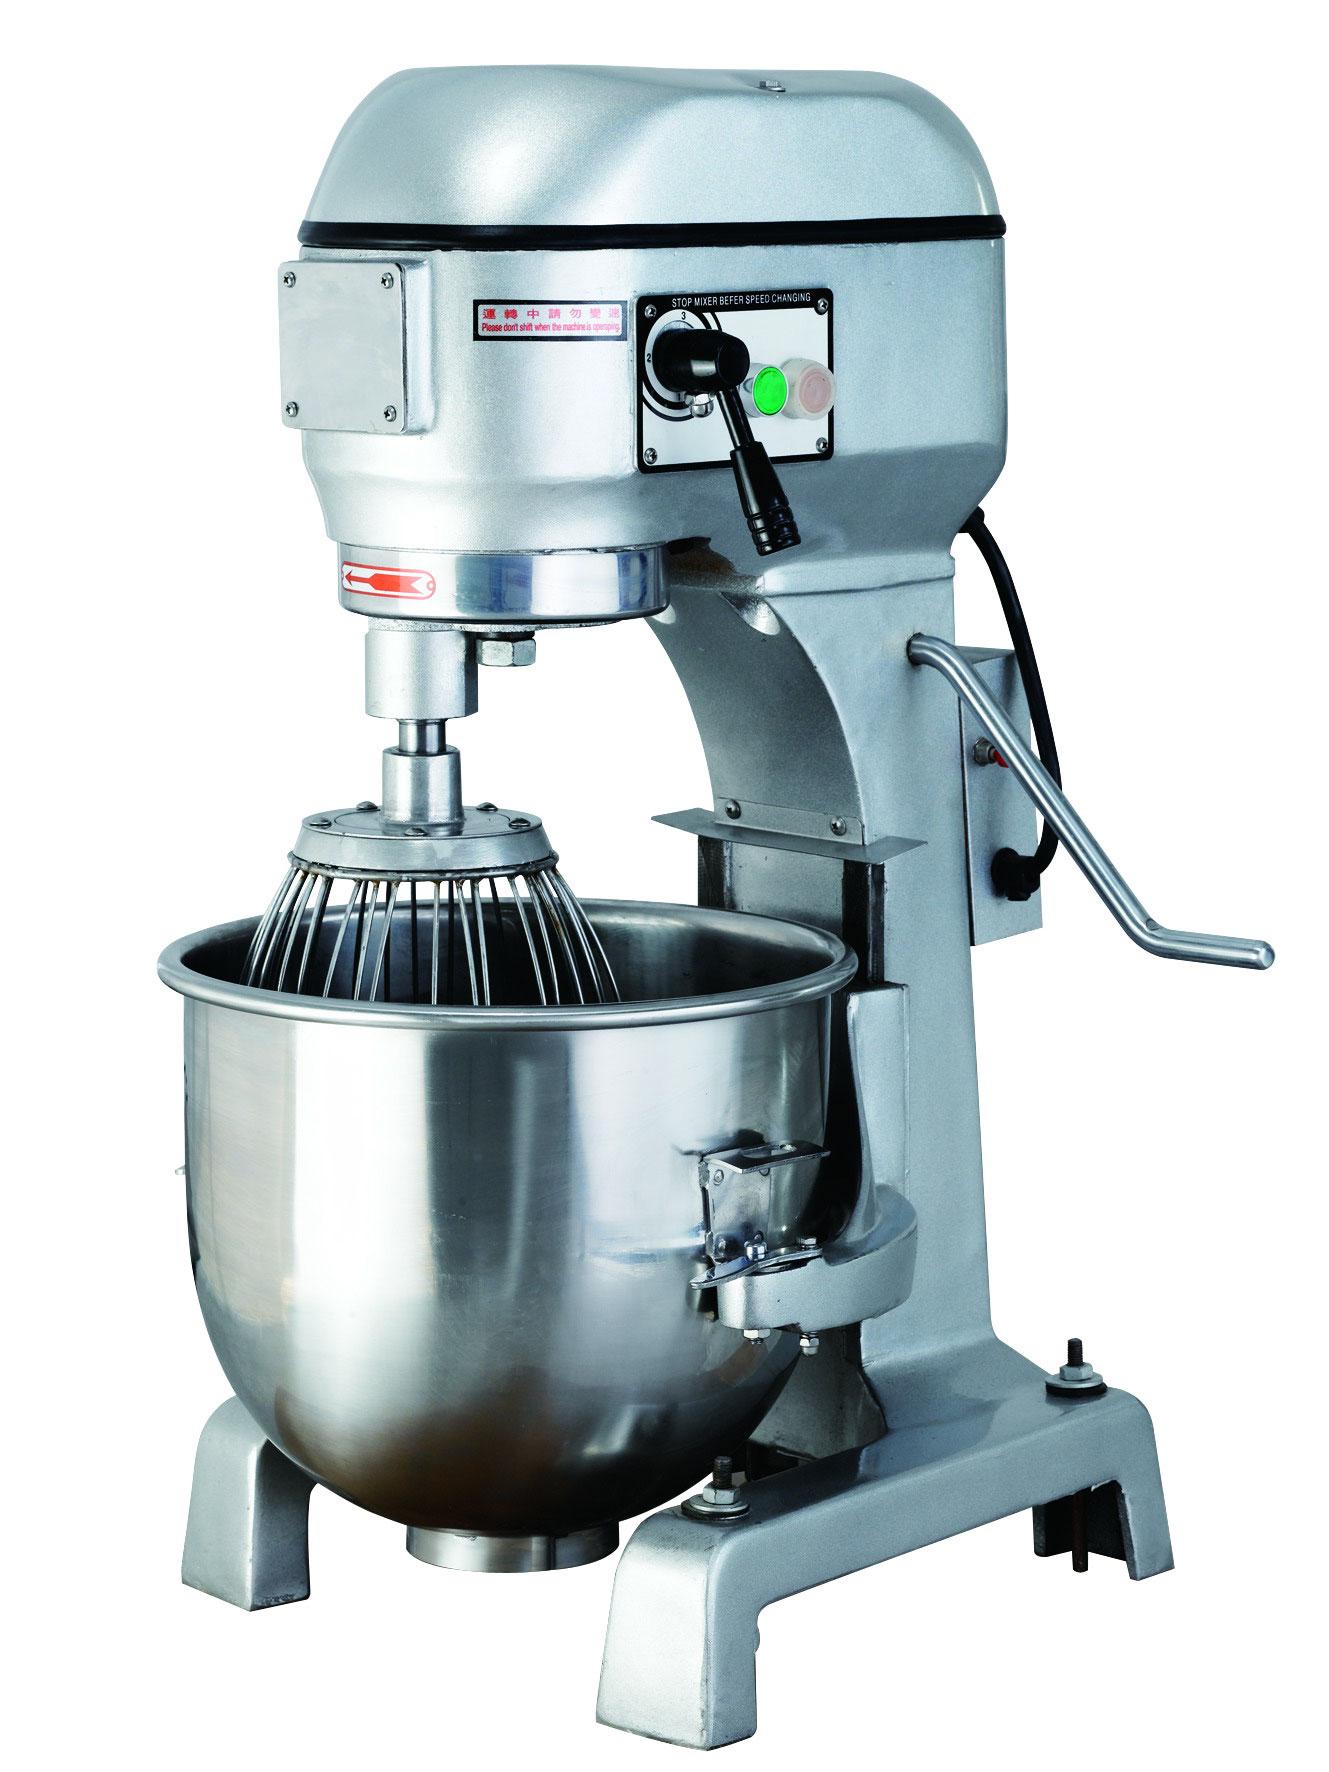 Kitchen mixer Photo - 3